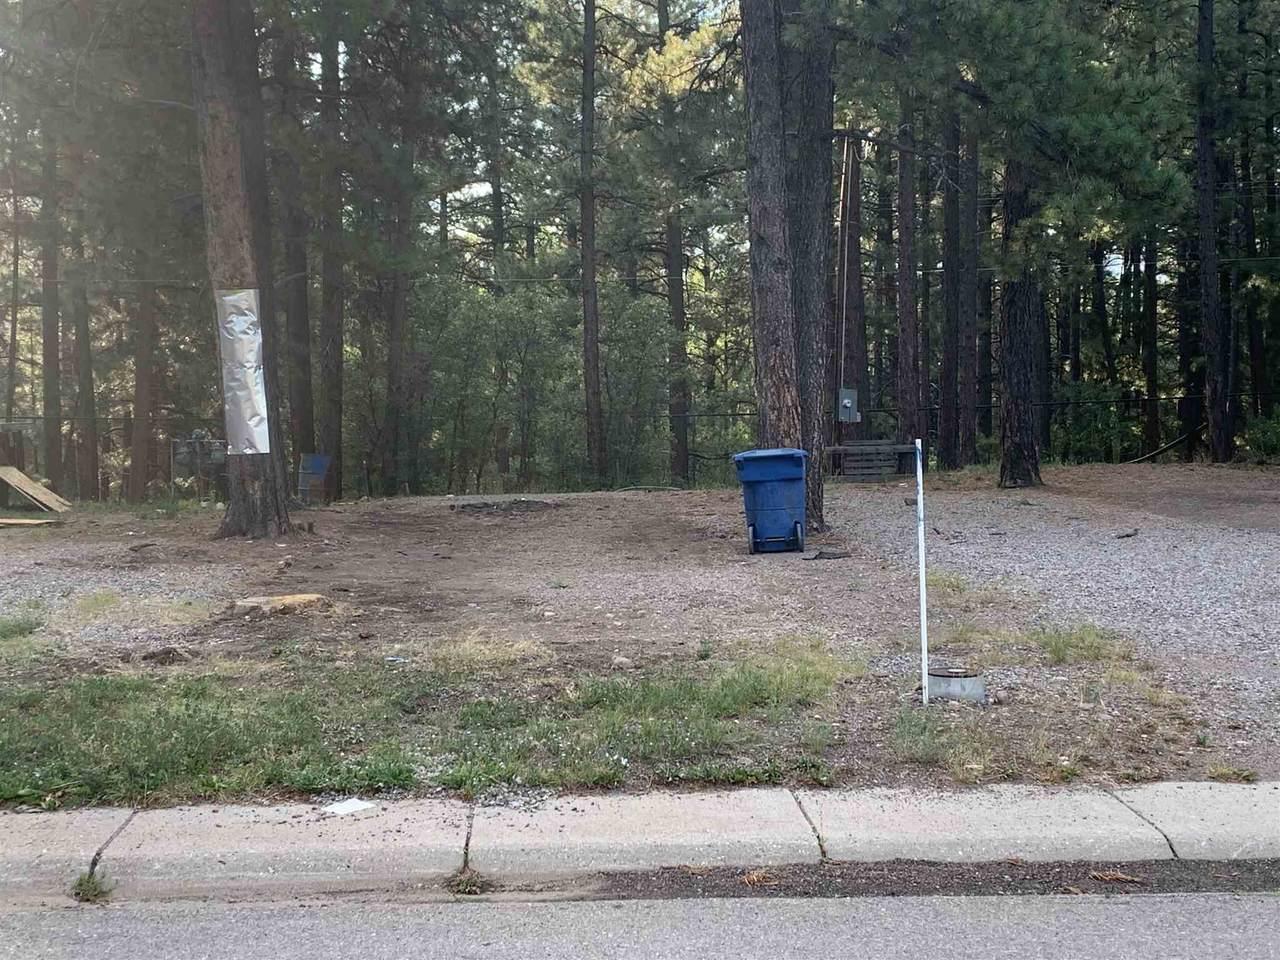 Lot 61 Parcel A & B, Pinon Drive - Photo 1